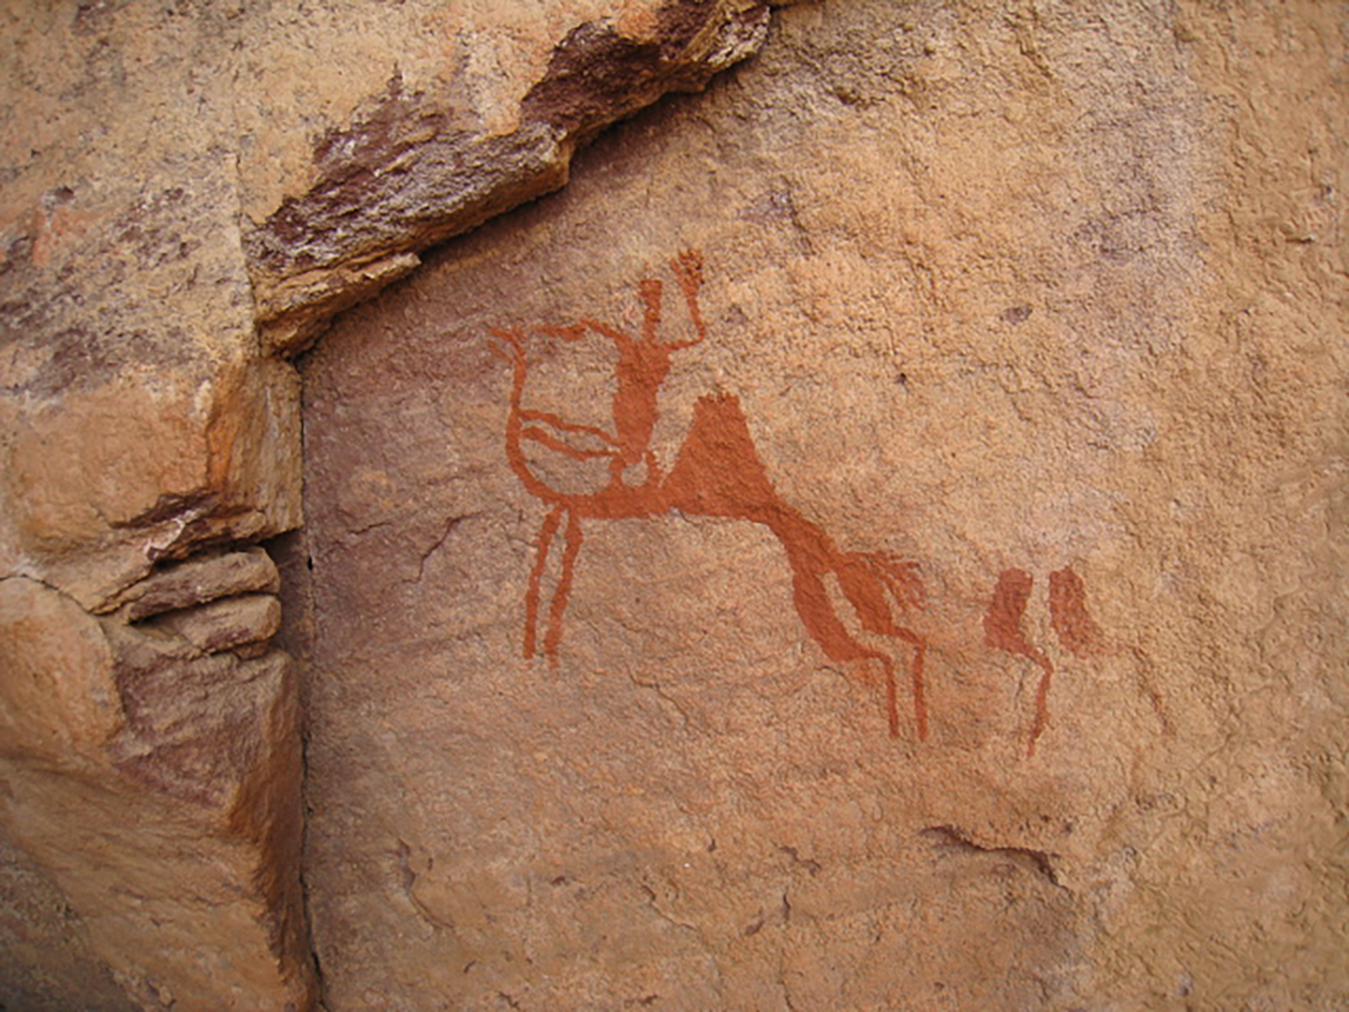 Kresby v Sahare